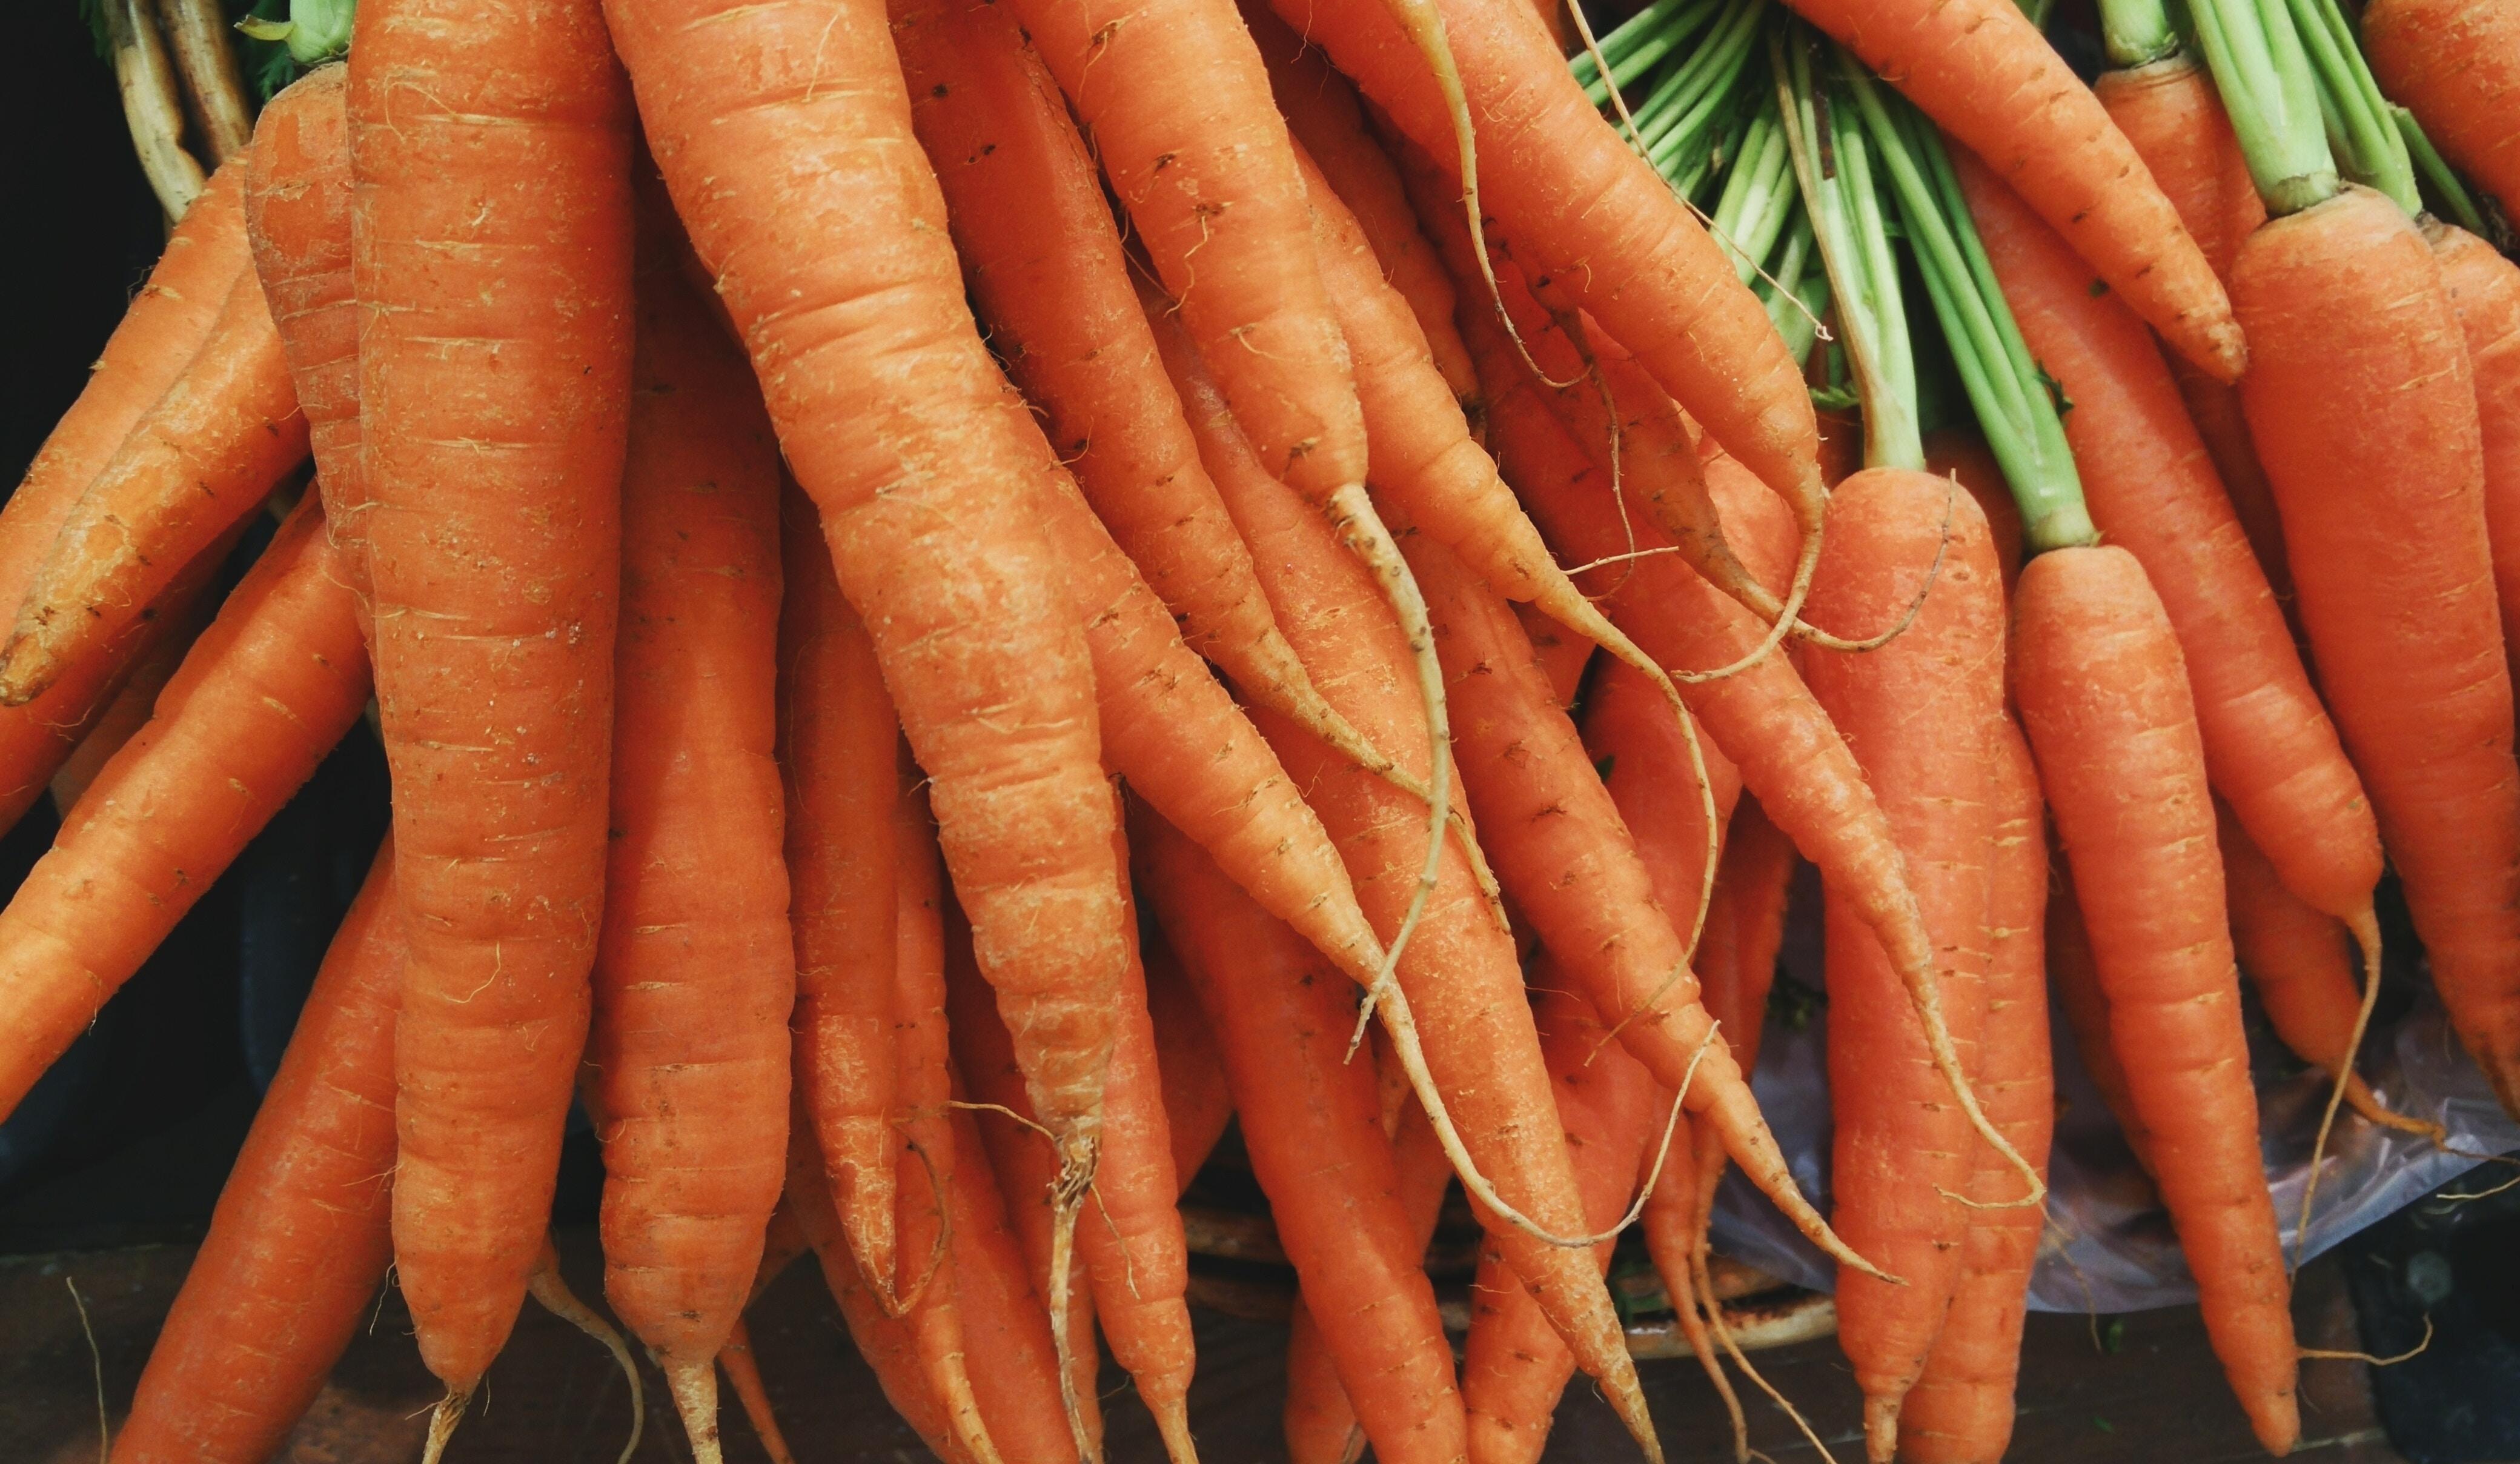 Cenoura rica em carotenóides